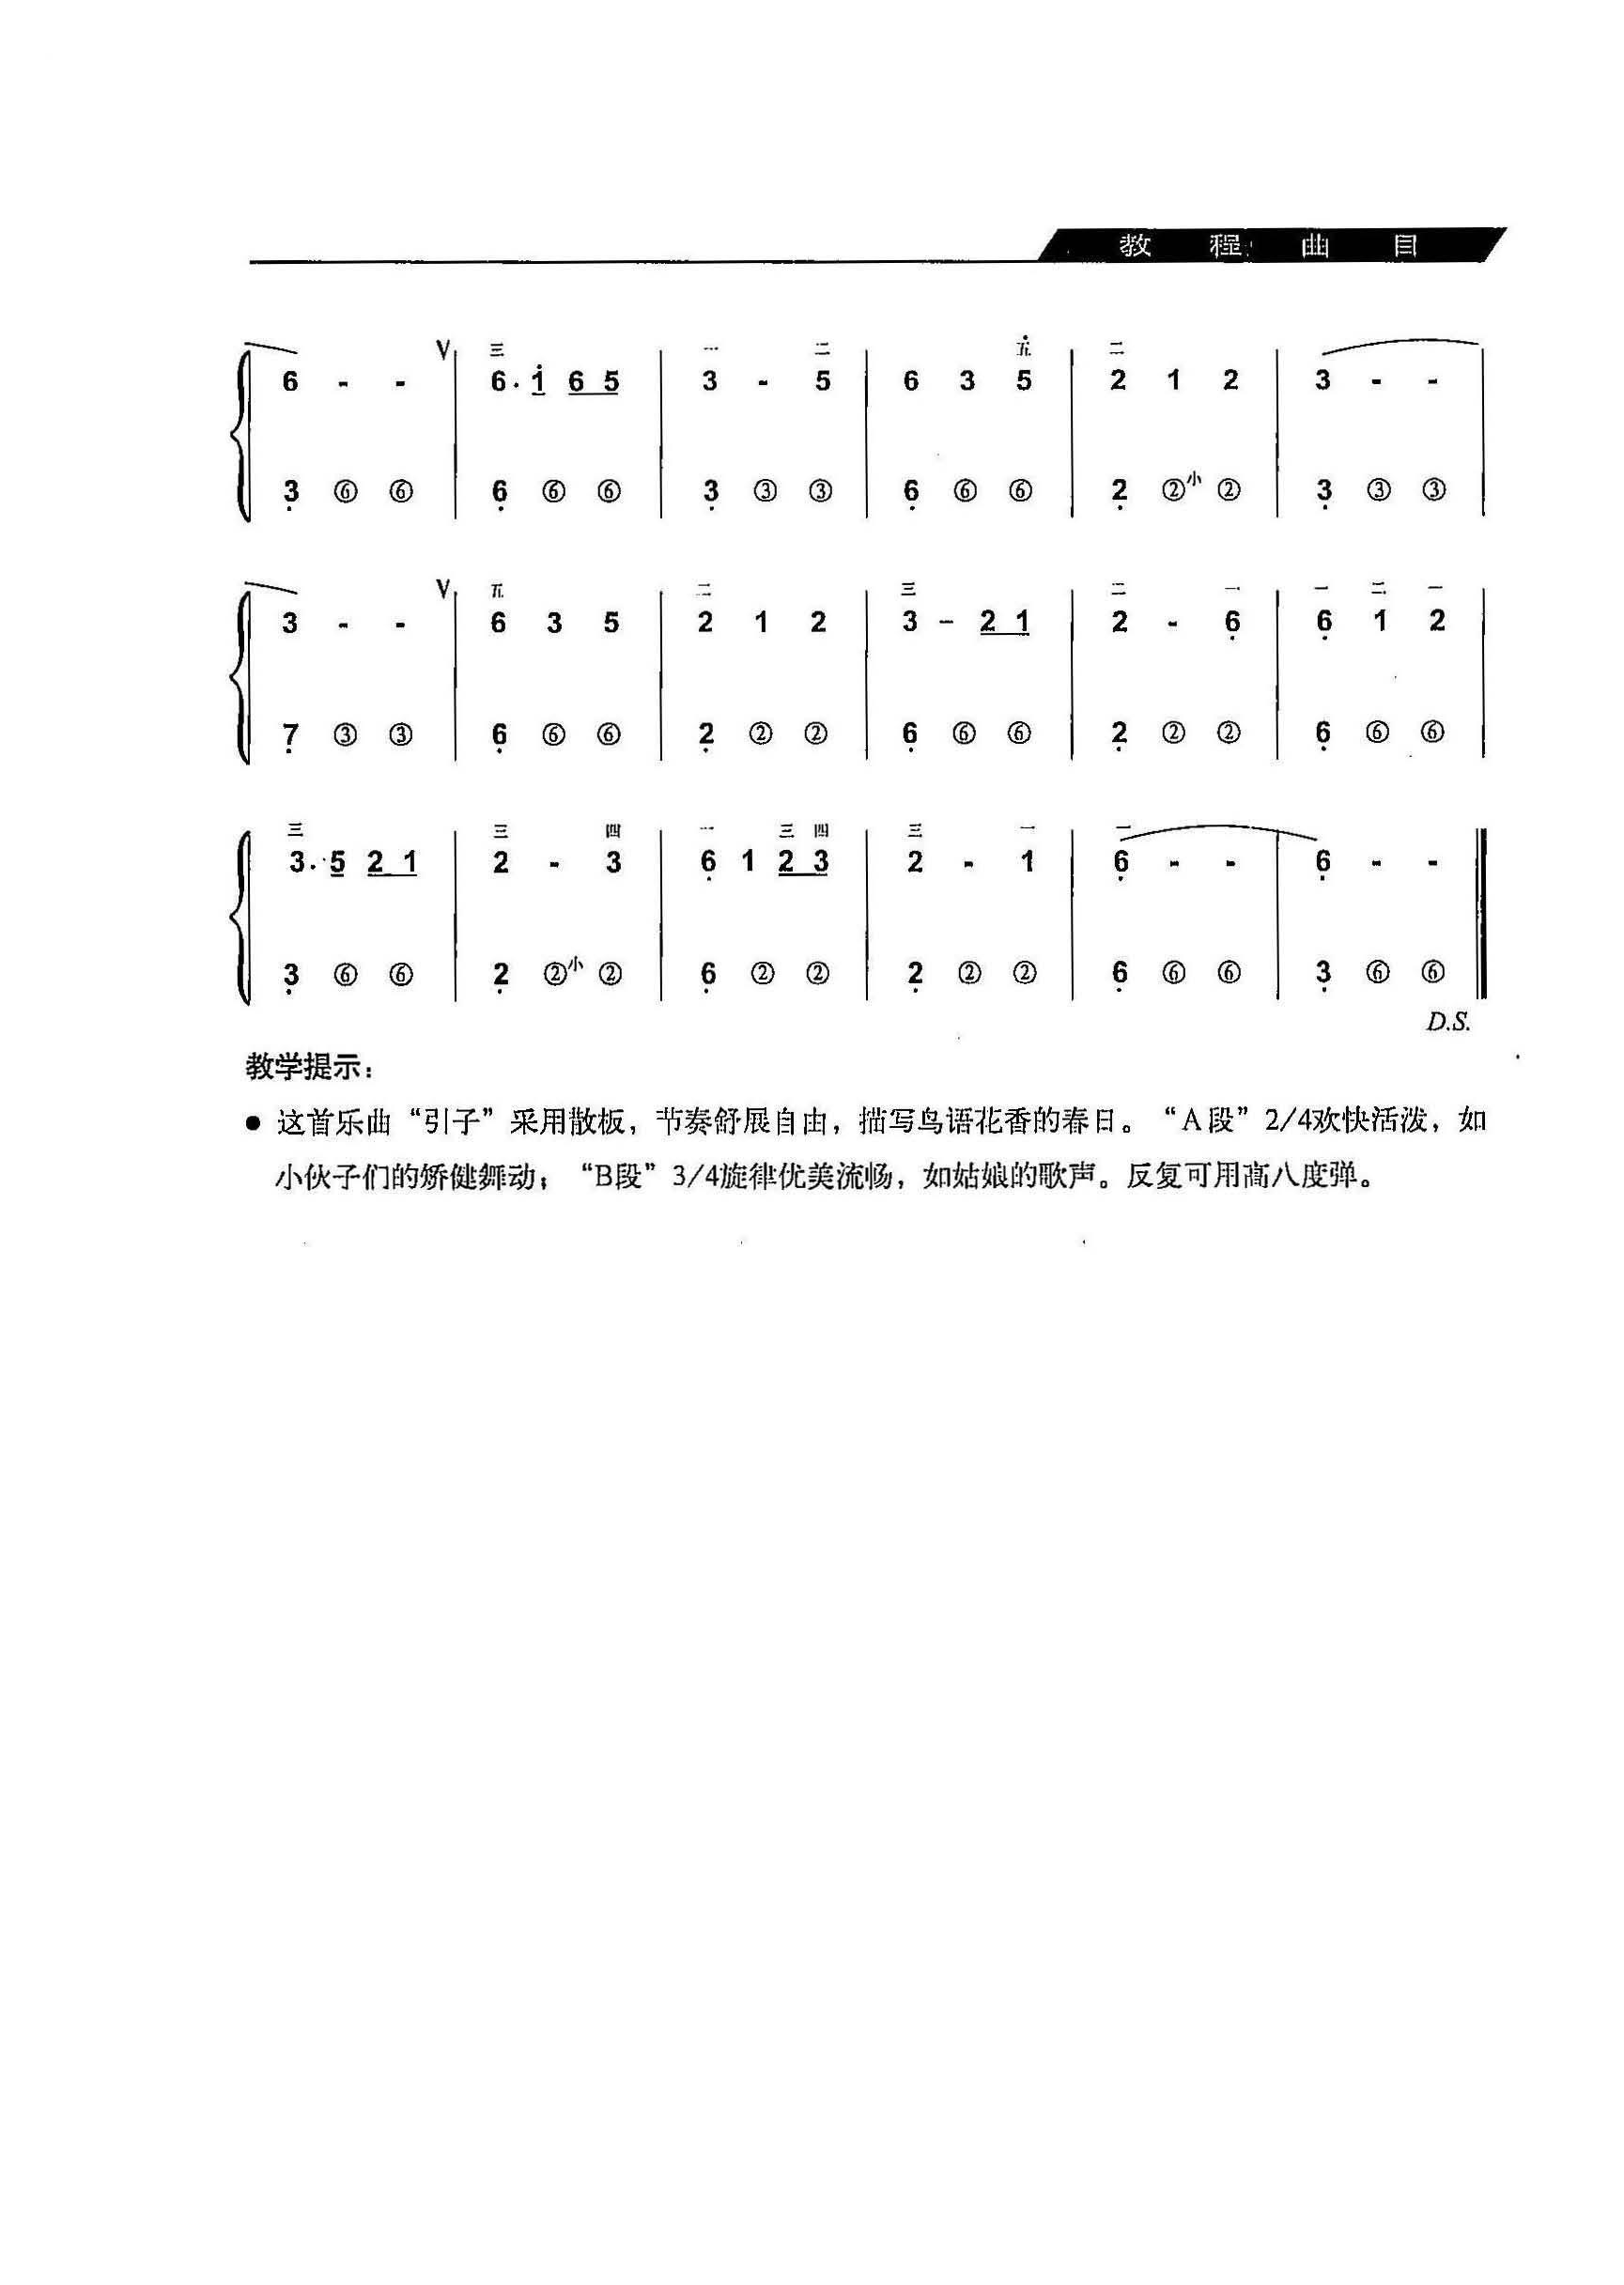 手风琴曲 花儿与少年 简谱 教程 详细的图片